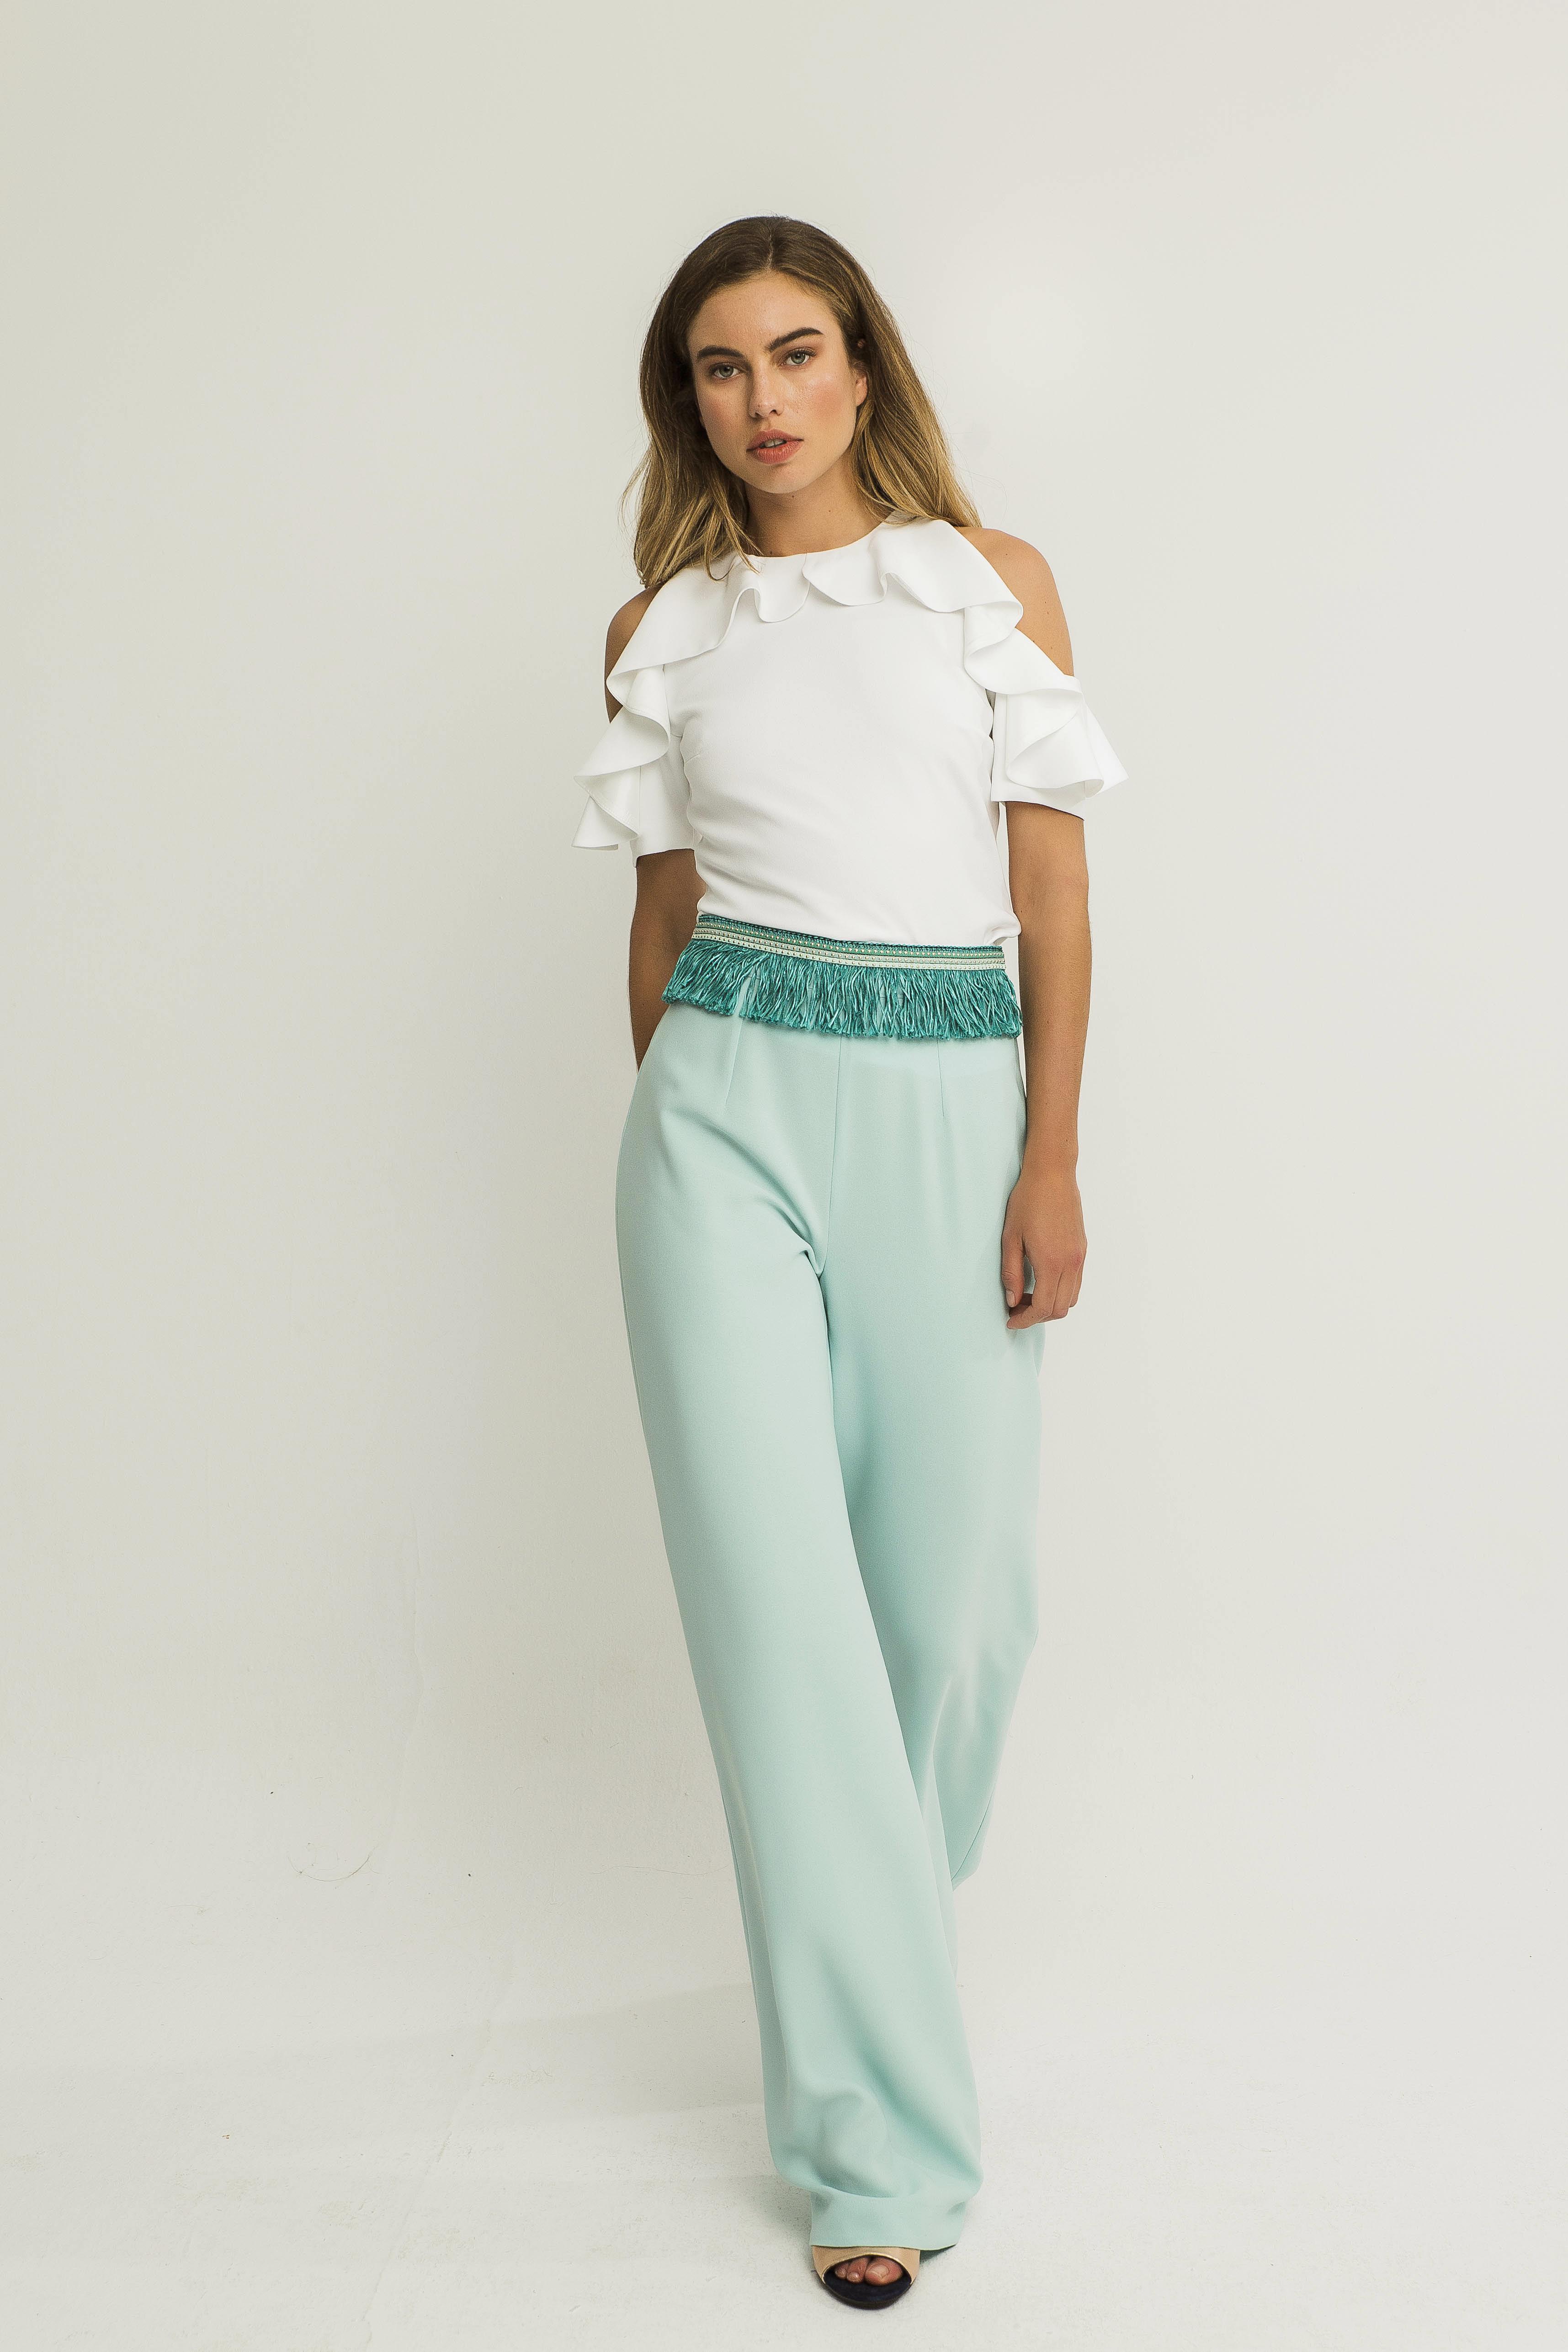 pantalon bengala azul con blusa blanca con volantes apparentia